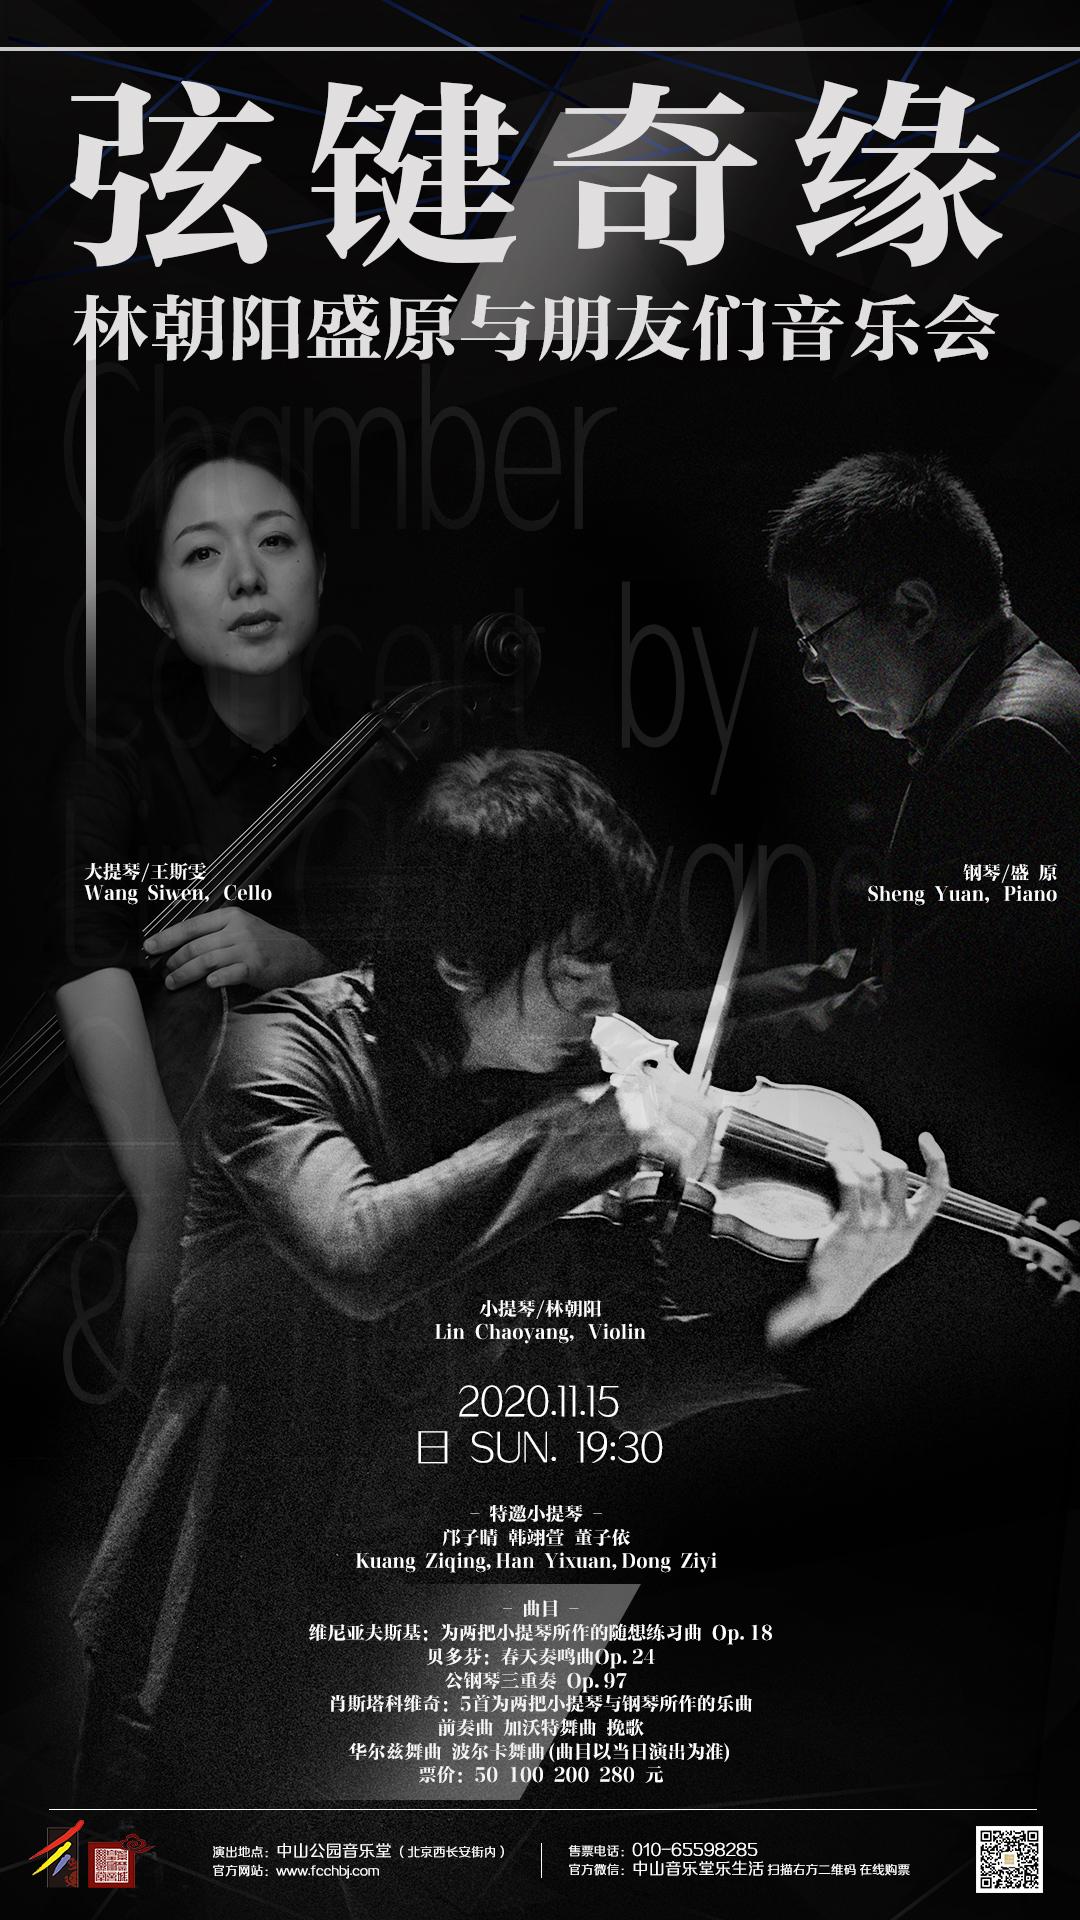 20.11.15弦键奇缘—林朝阳、盛原与朋友们音乐会竖.jpg